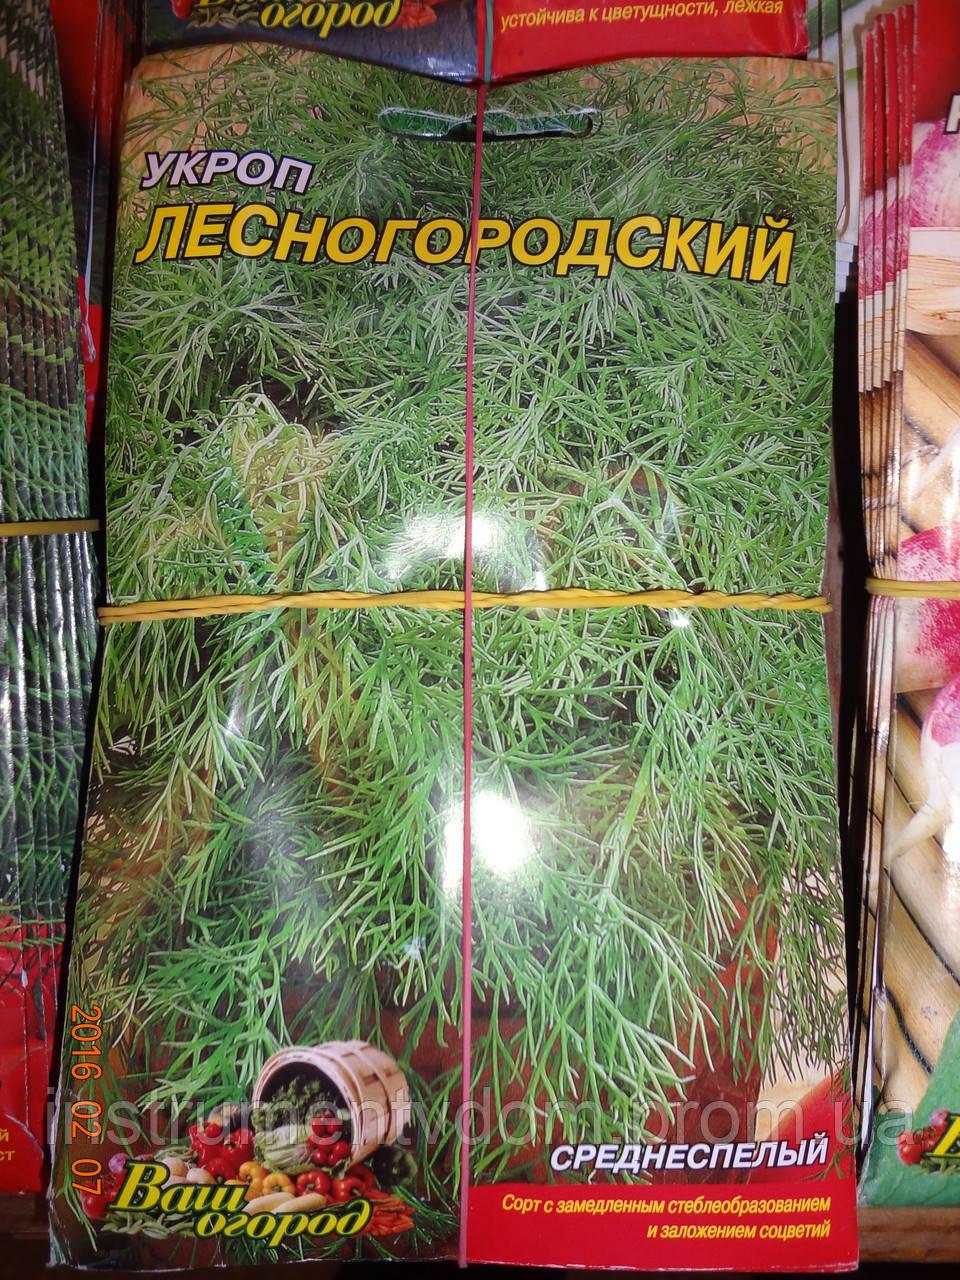 """Семена укропа """"Лесногородский"""" ТМ Ваш огород (упаковка 10 пачек)"""